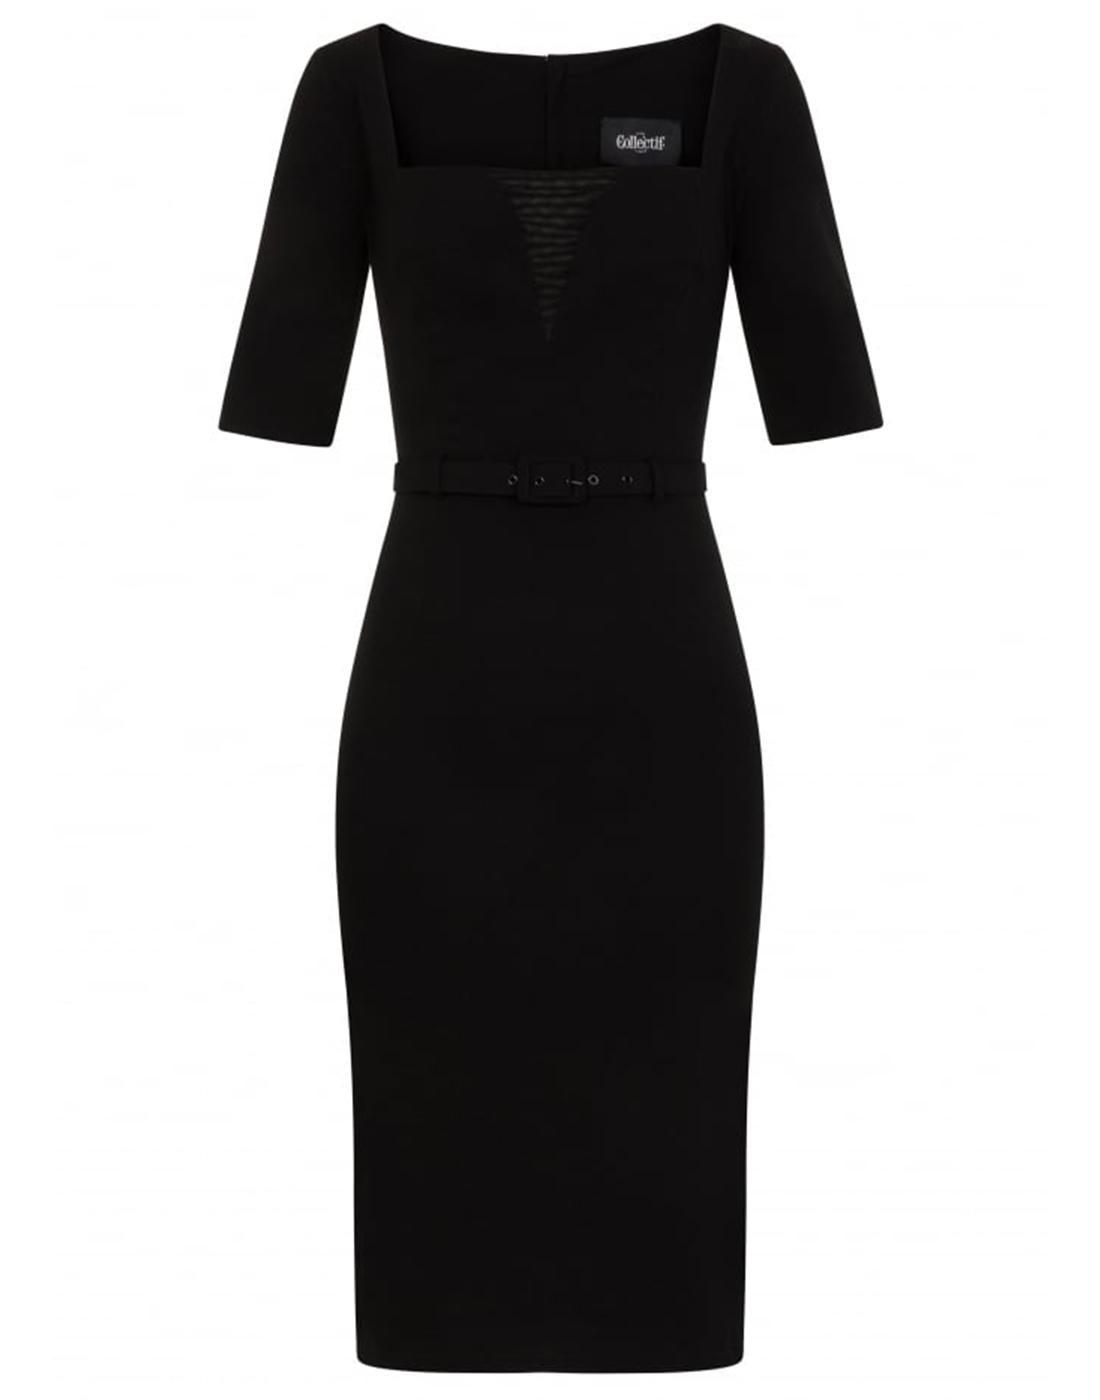 Reagan COLLECTIF Retro 50s Pencil Dress in Black